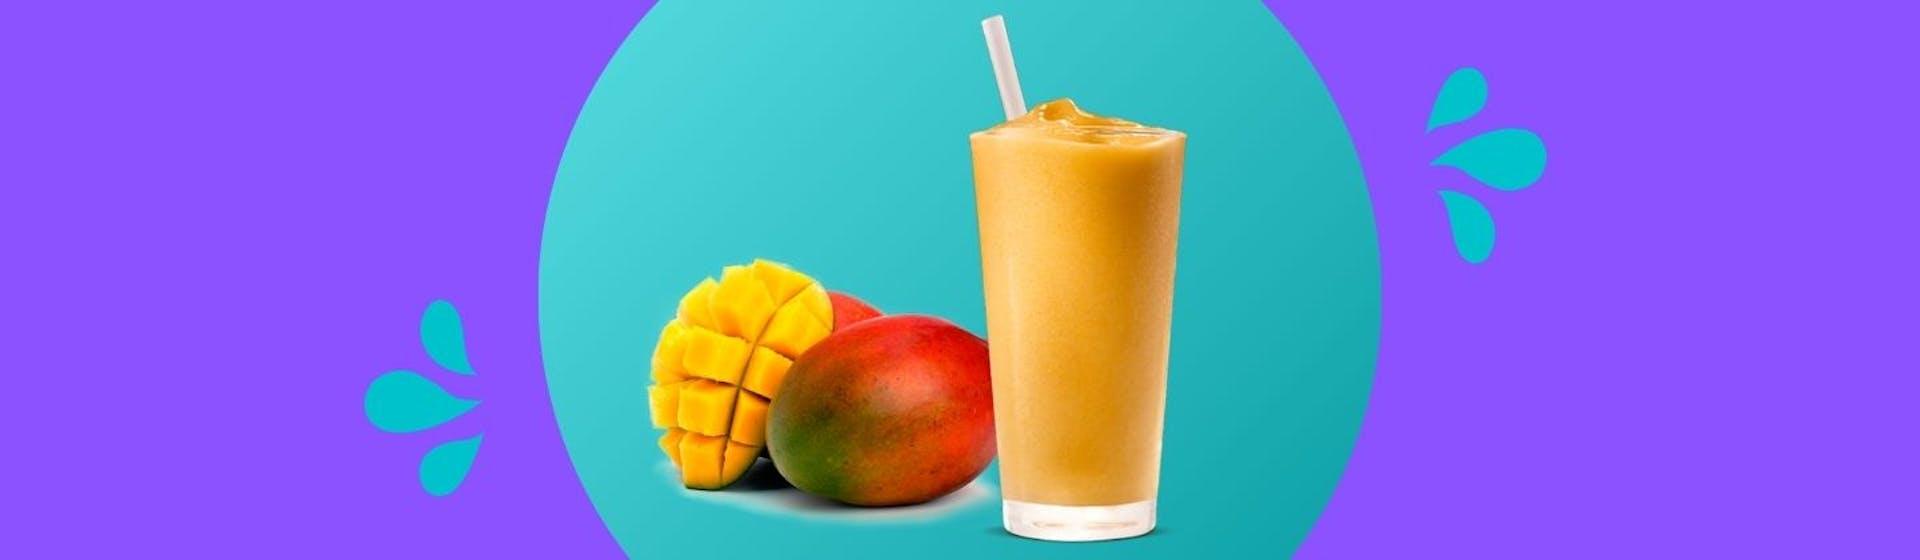 Cómo hacer un smoothie de mango y sorprender a tus comensales